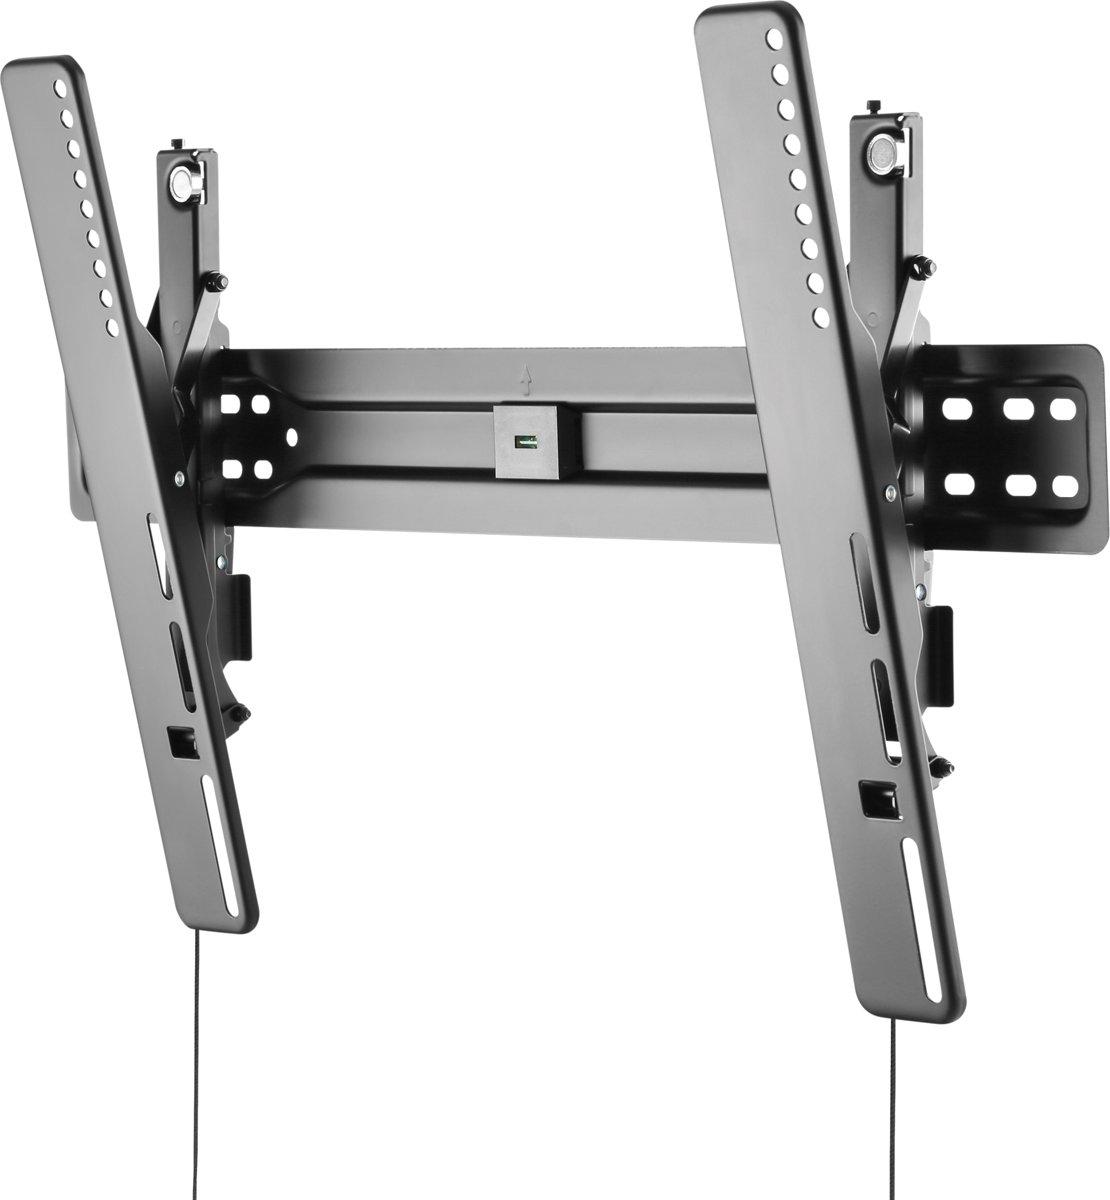 DELTACO ARM-469 Universele TV Wandbeugel, -12° Kantelbaar, Waterpas, Geschikt voor TV's van 37 t/m 70 inch kopen